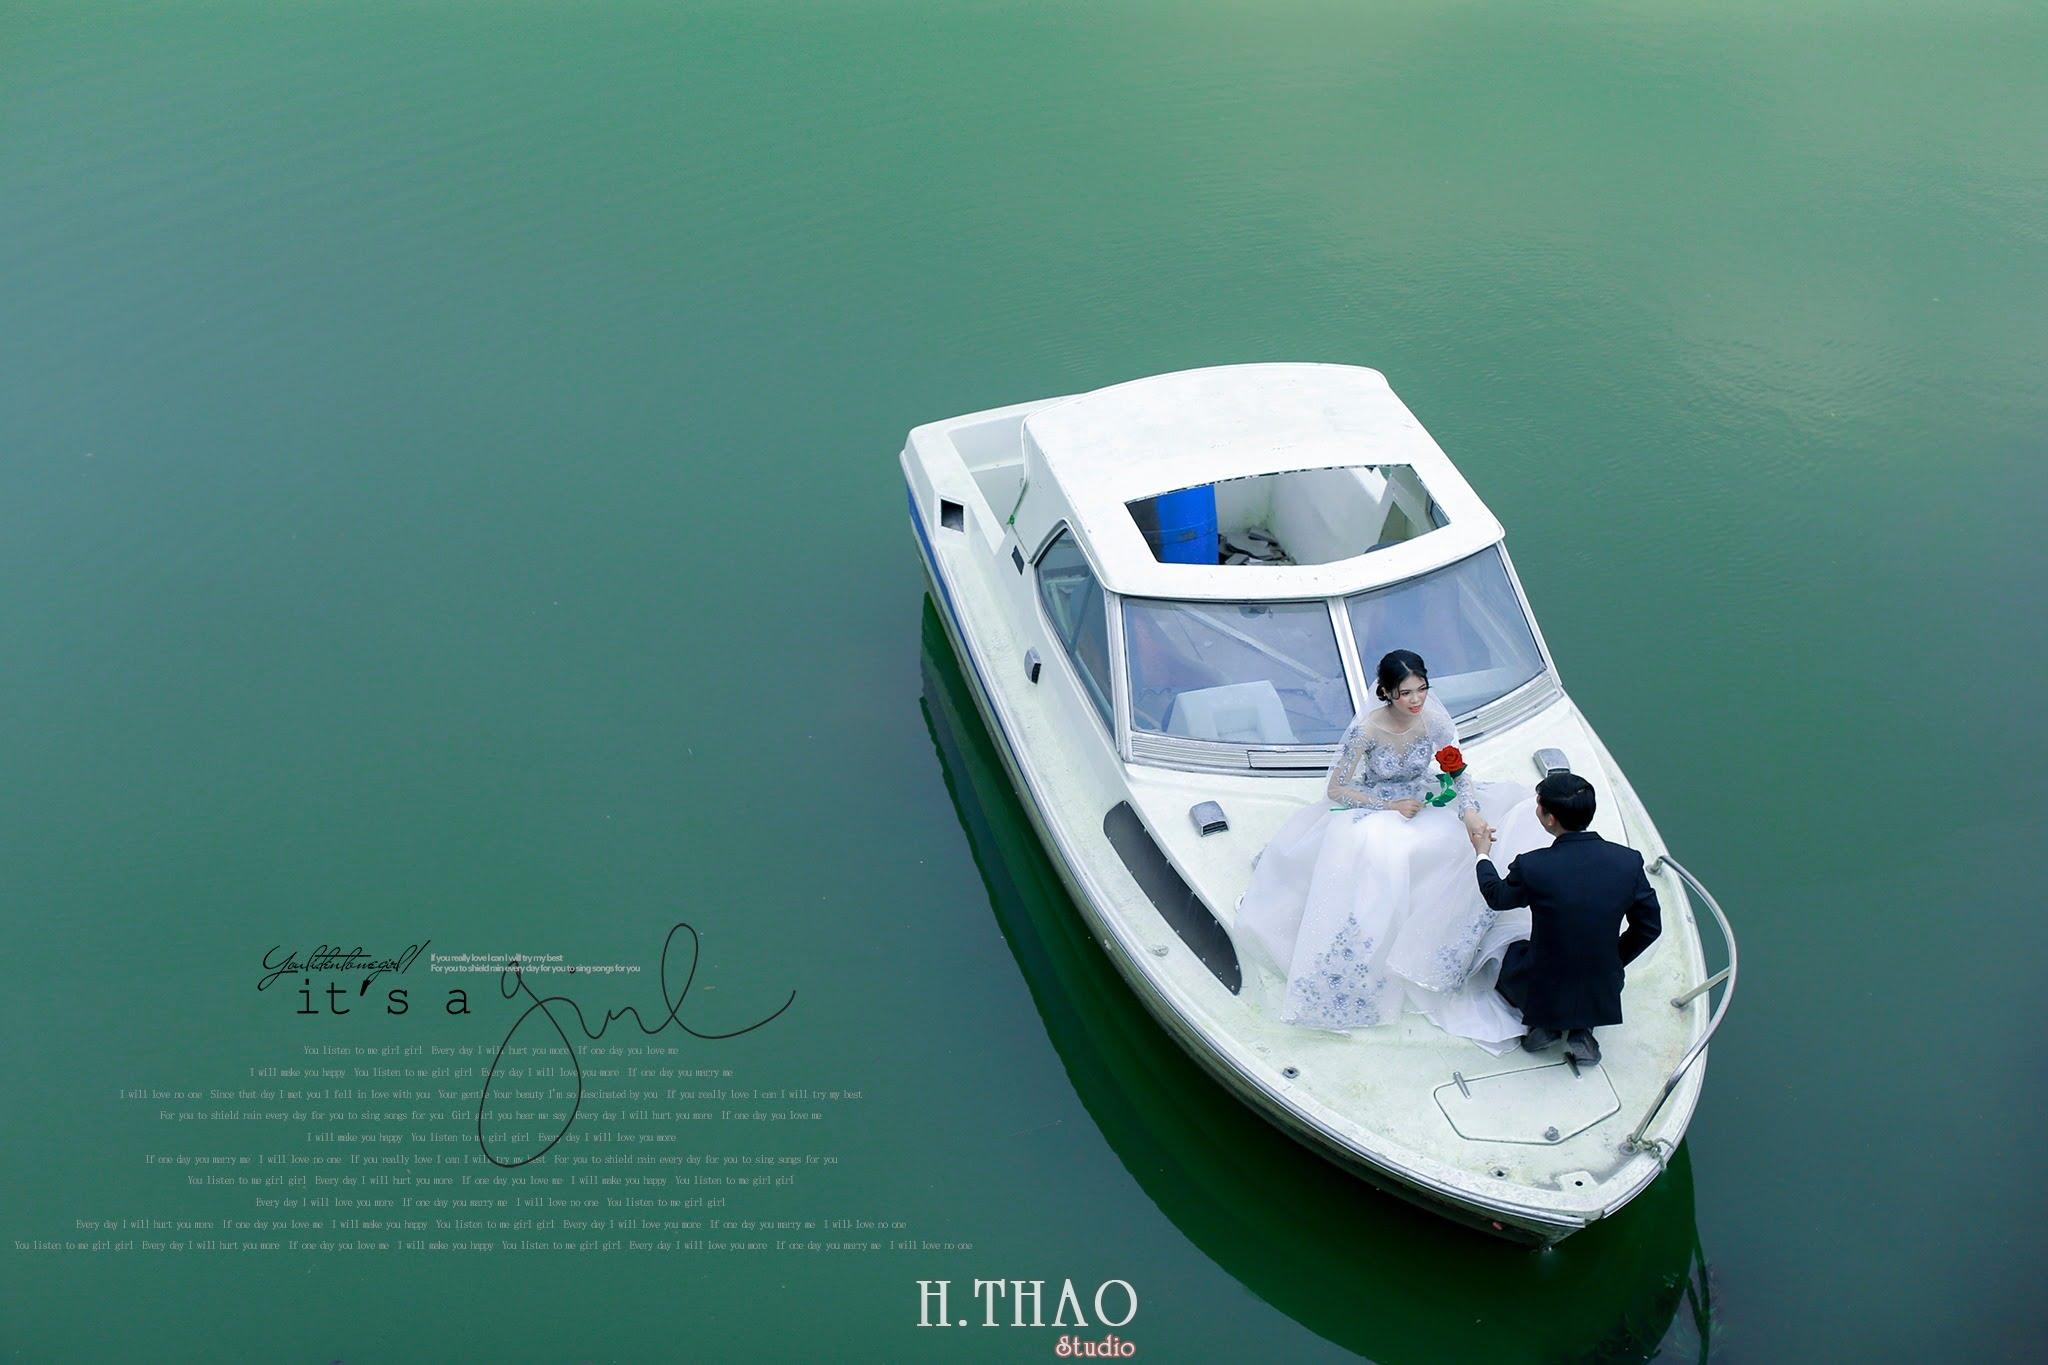 Anh cuoi 50 - Studio chụp ảnh cưới đẹp ở Tp.HCM – HThao Studio